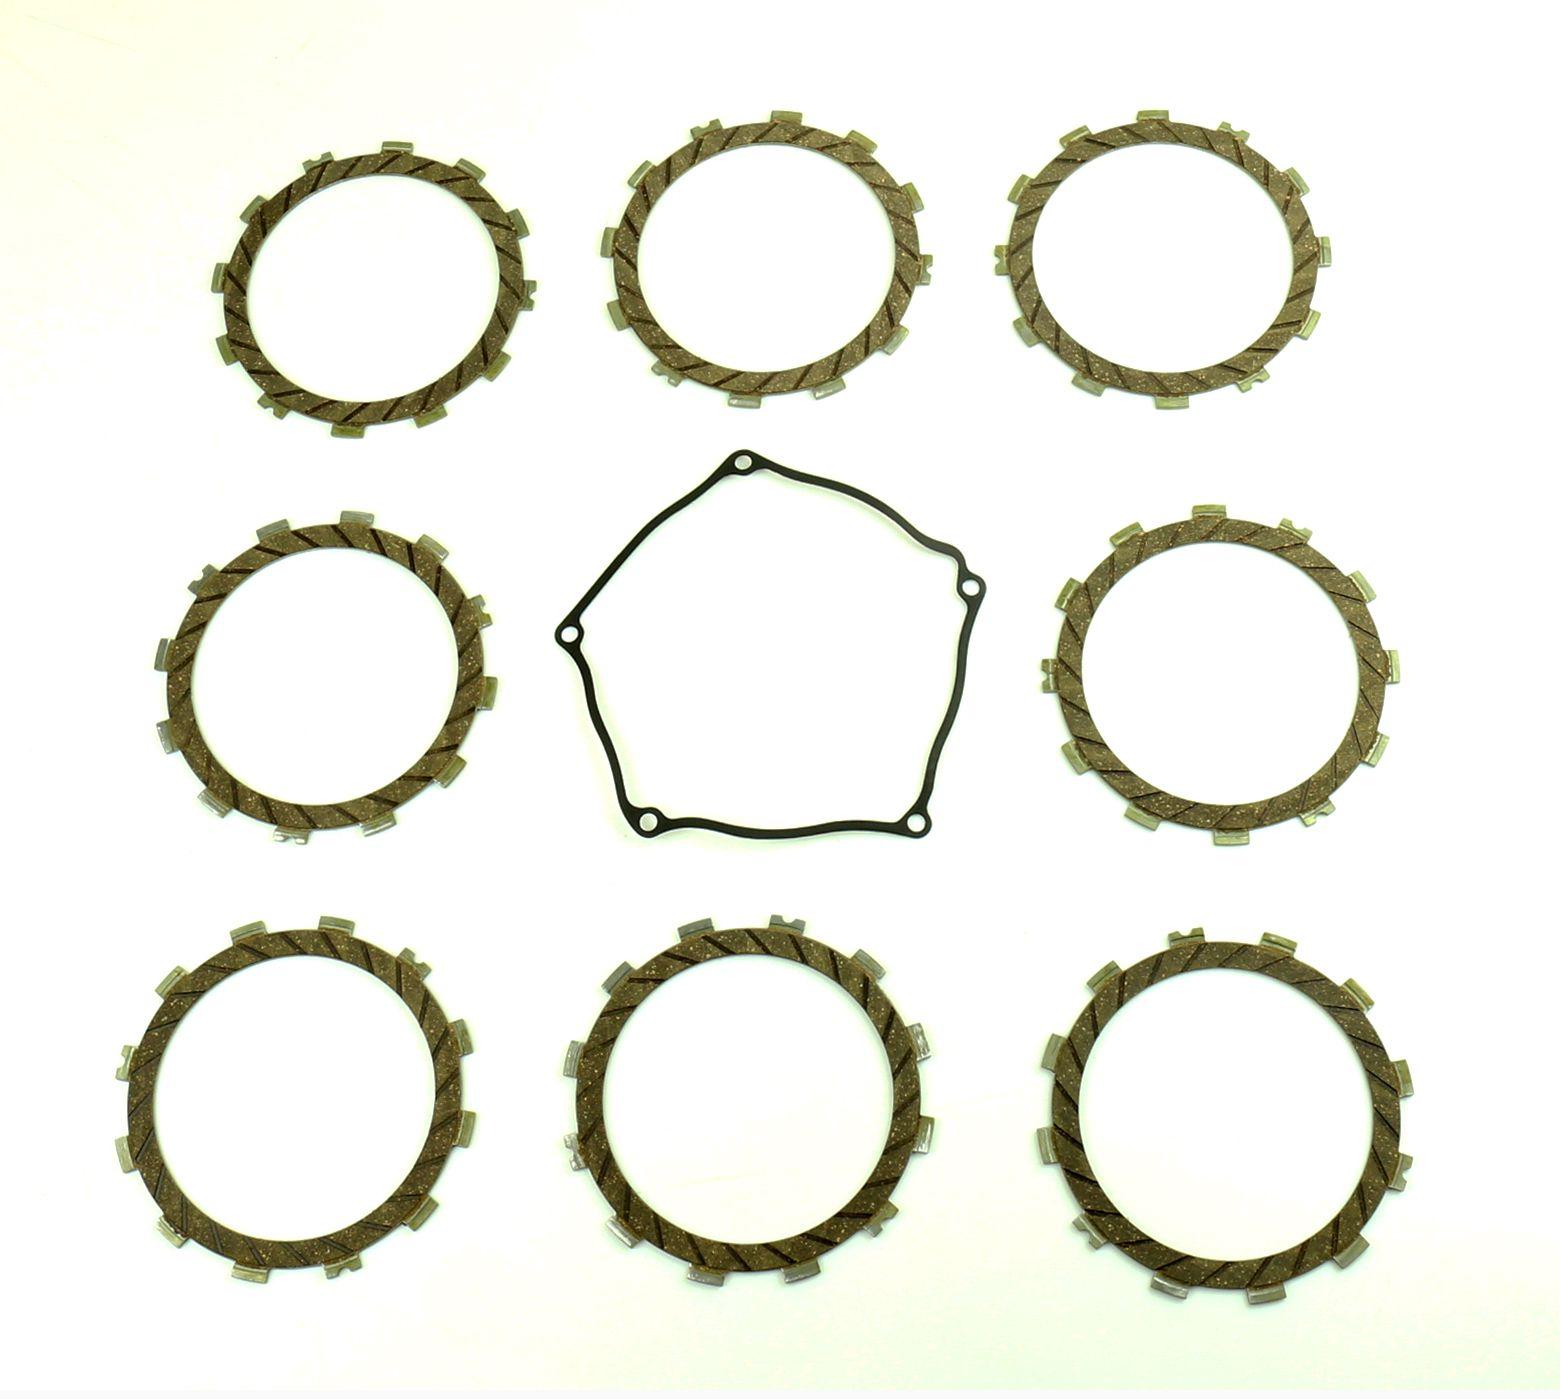 Athena Clutch Plate Kits - 307248A image